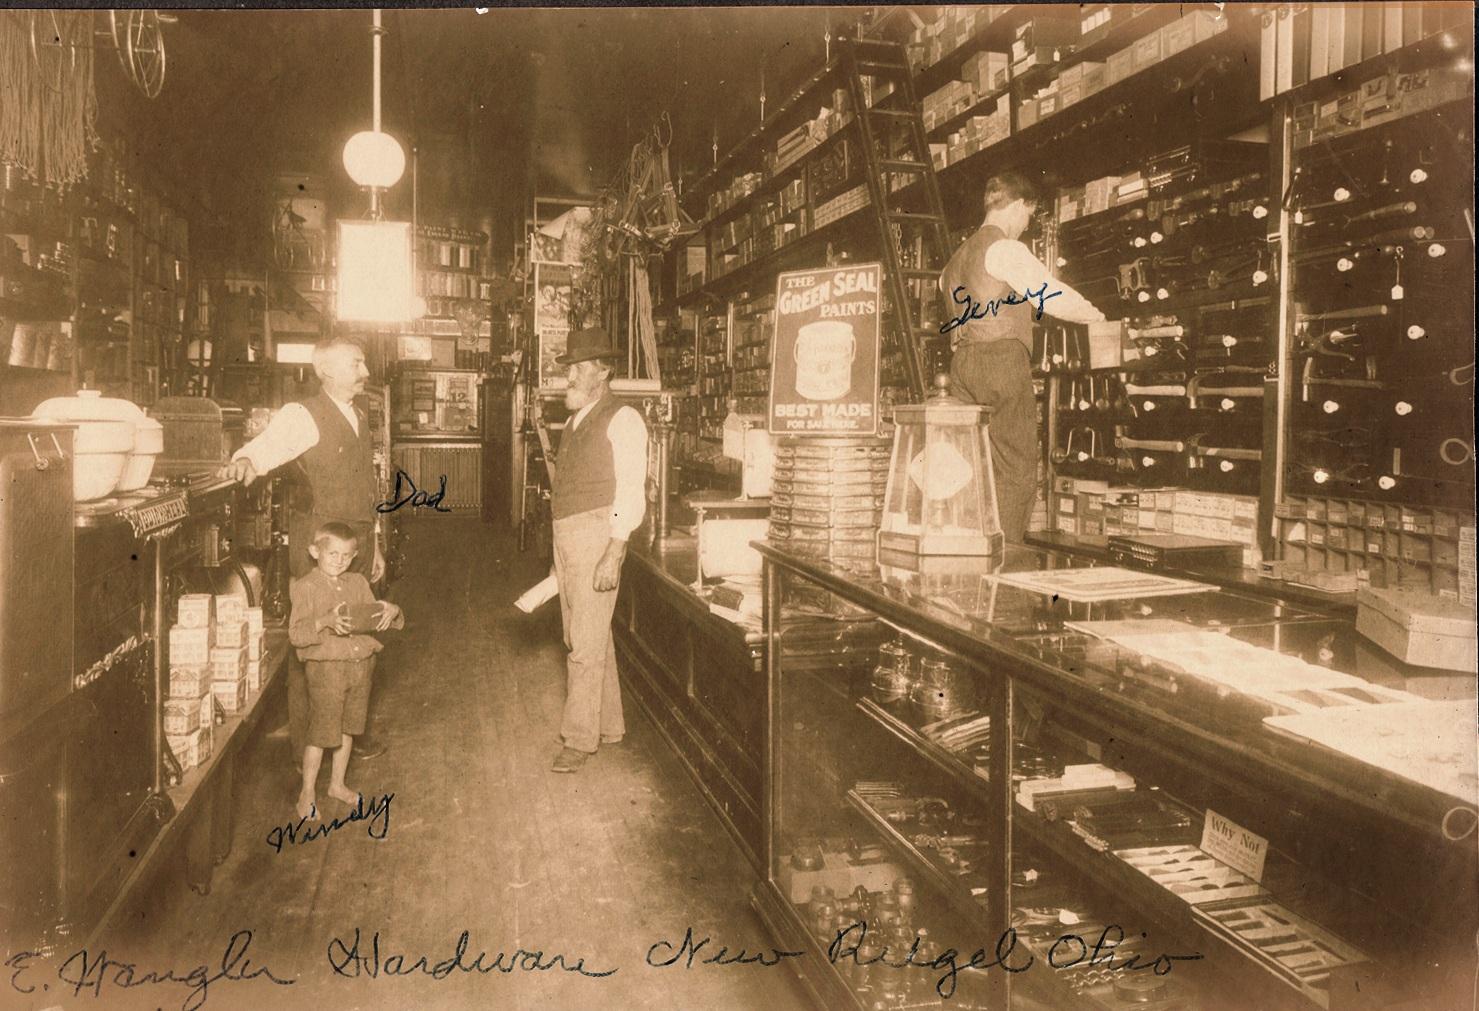 1890 - Original location in New Riegel, Ohio